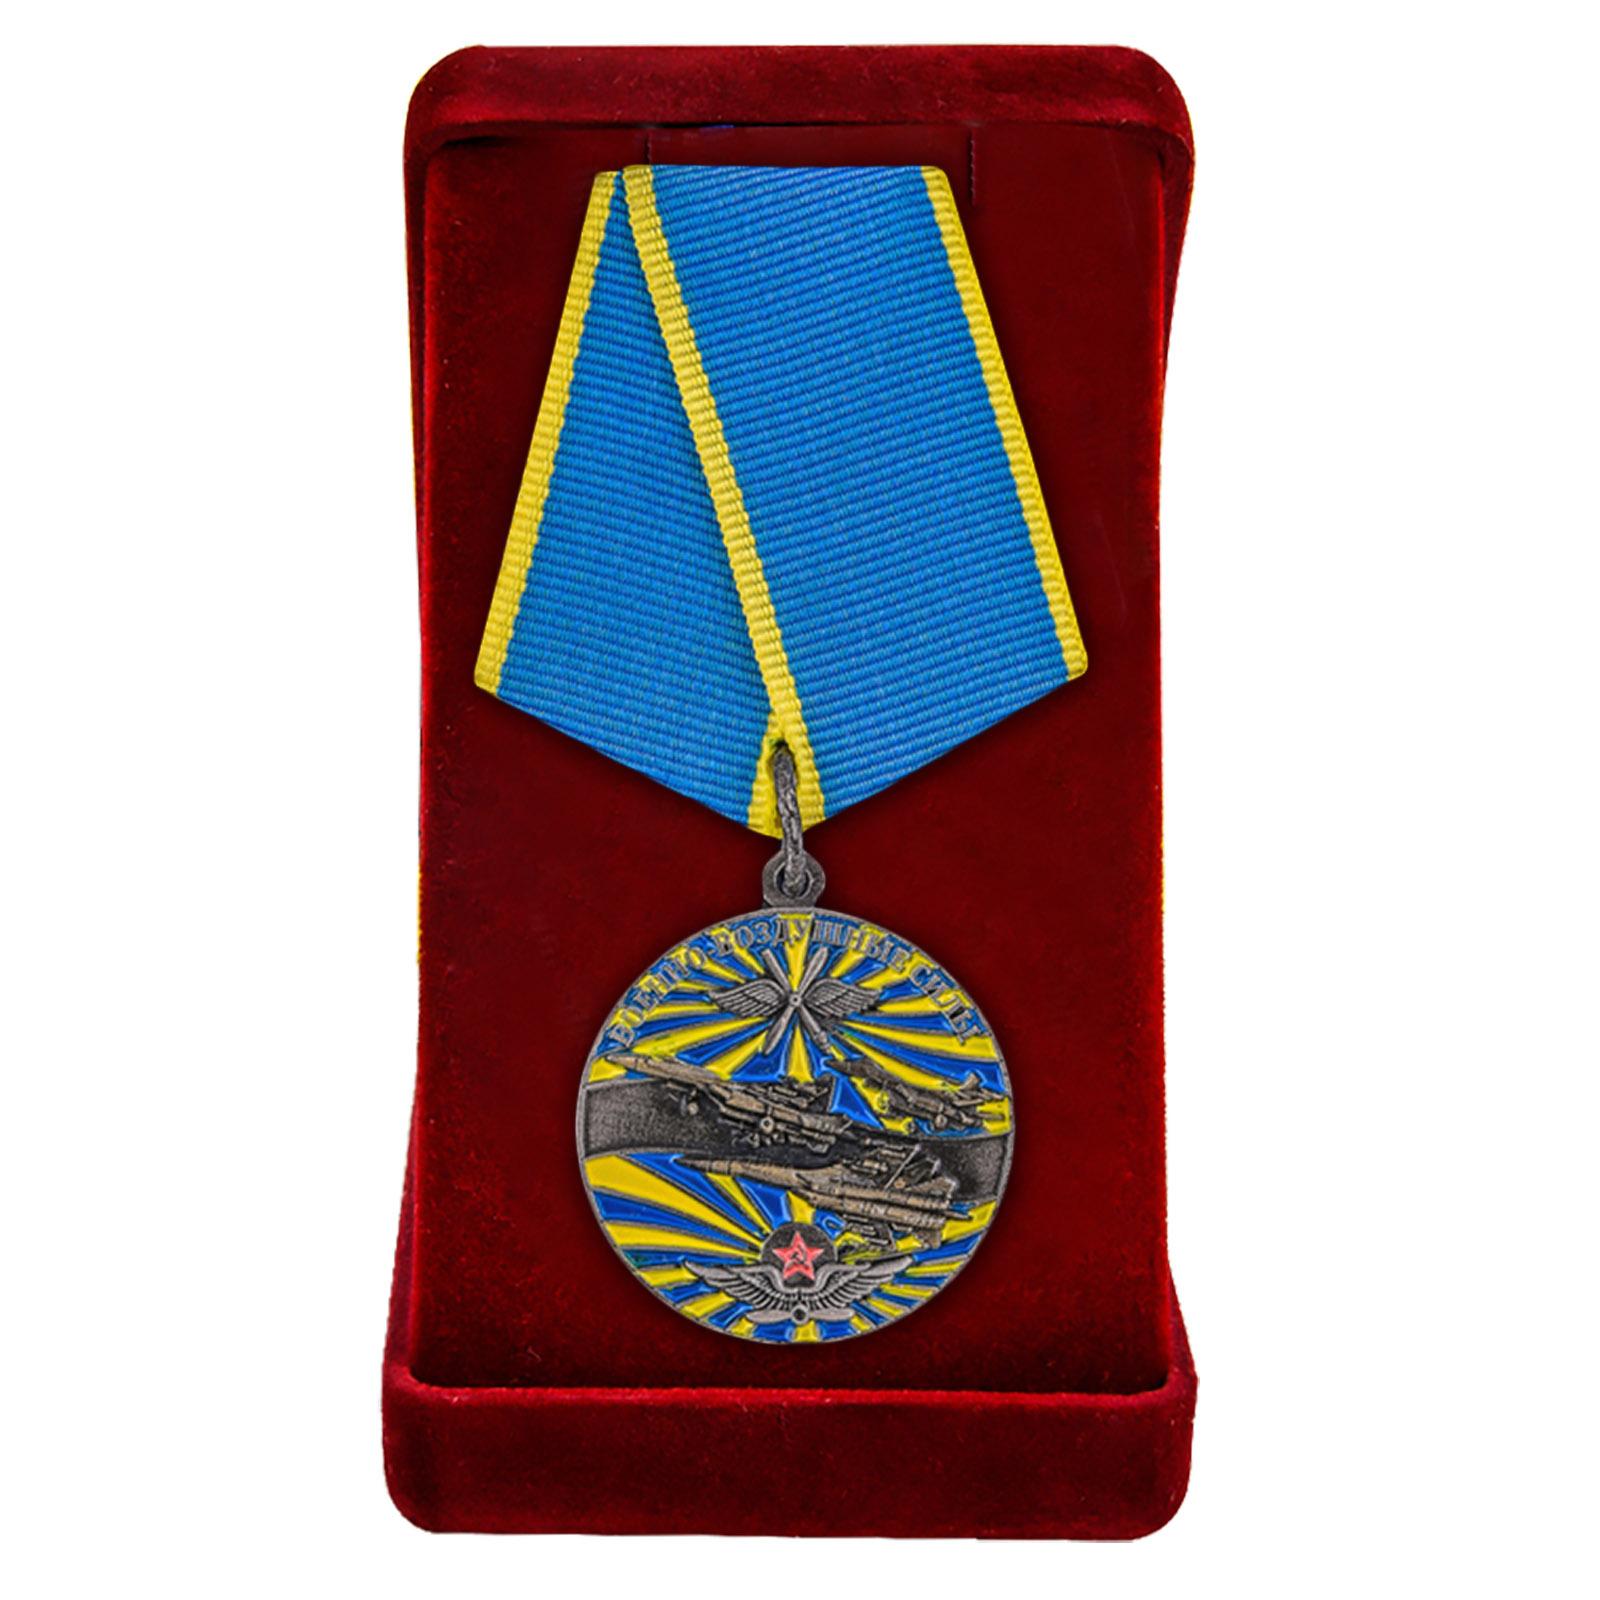 Купить памятную медаль Ветеран ВВС по экономичной цене